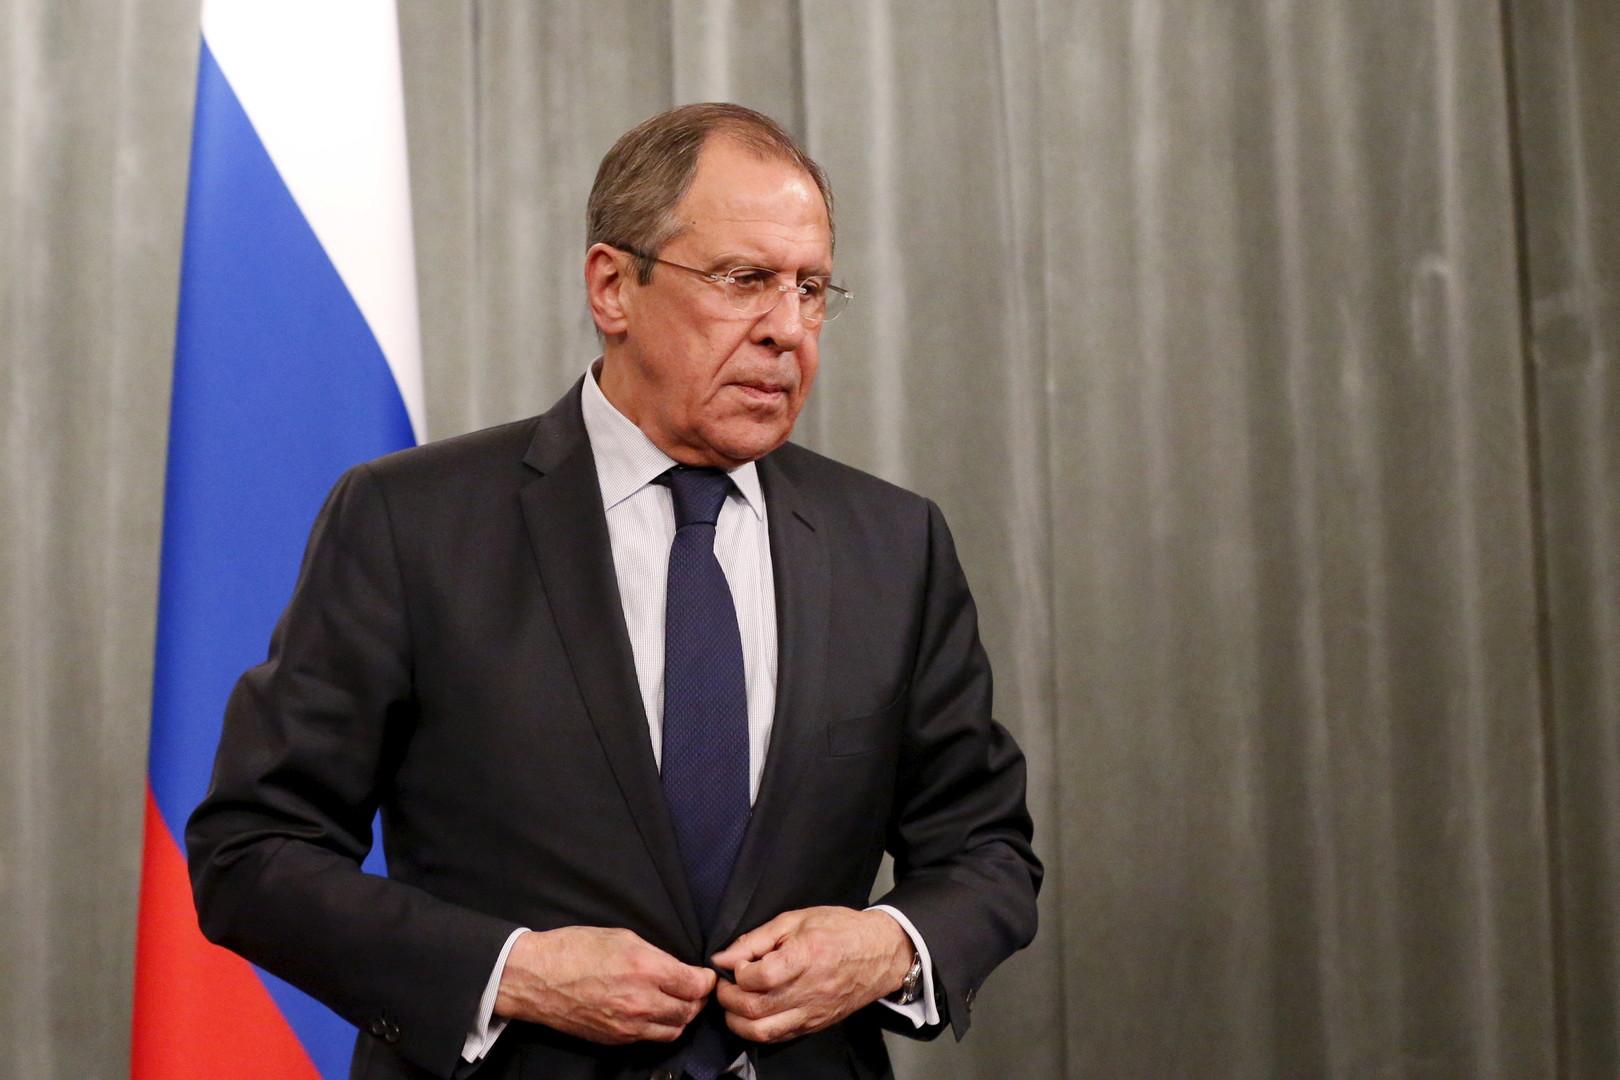 Сергей Лавров: Украинский кризис выявил зависимость европейцев от США